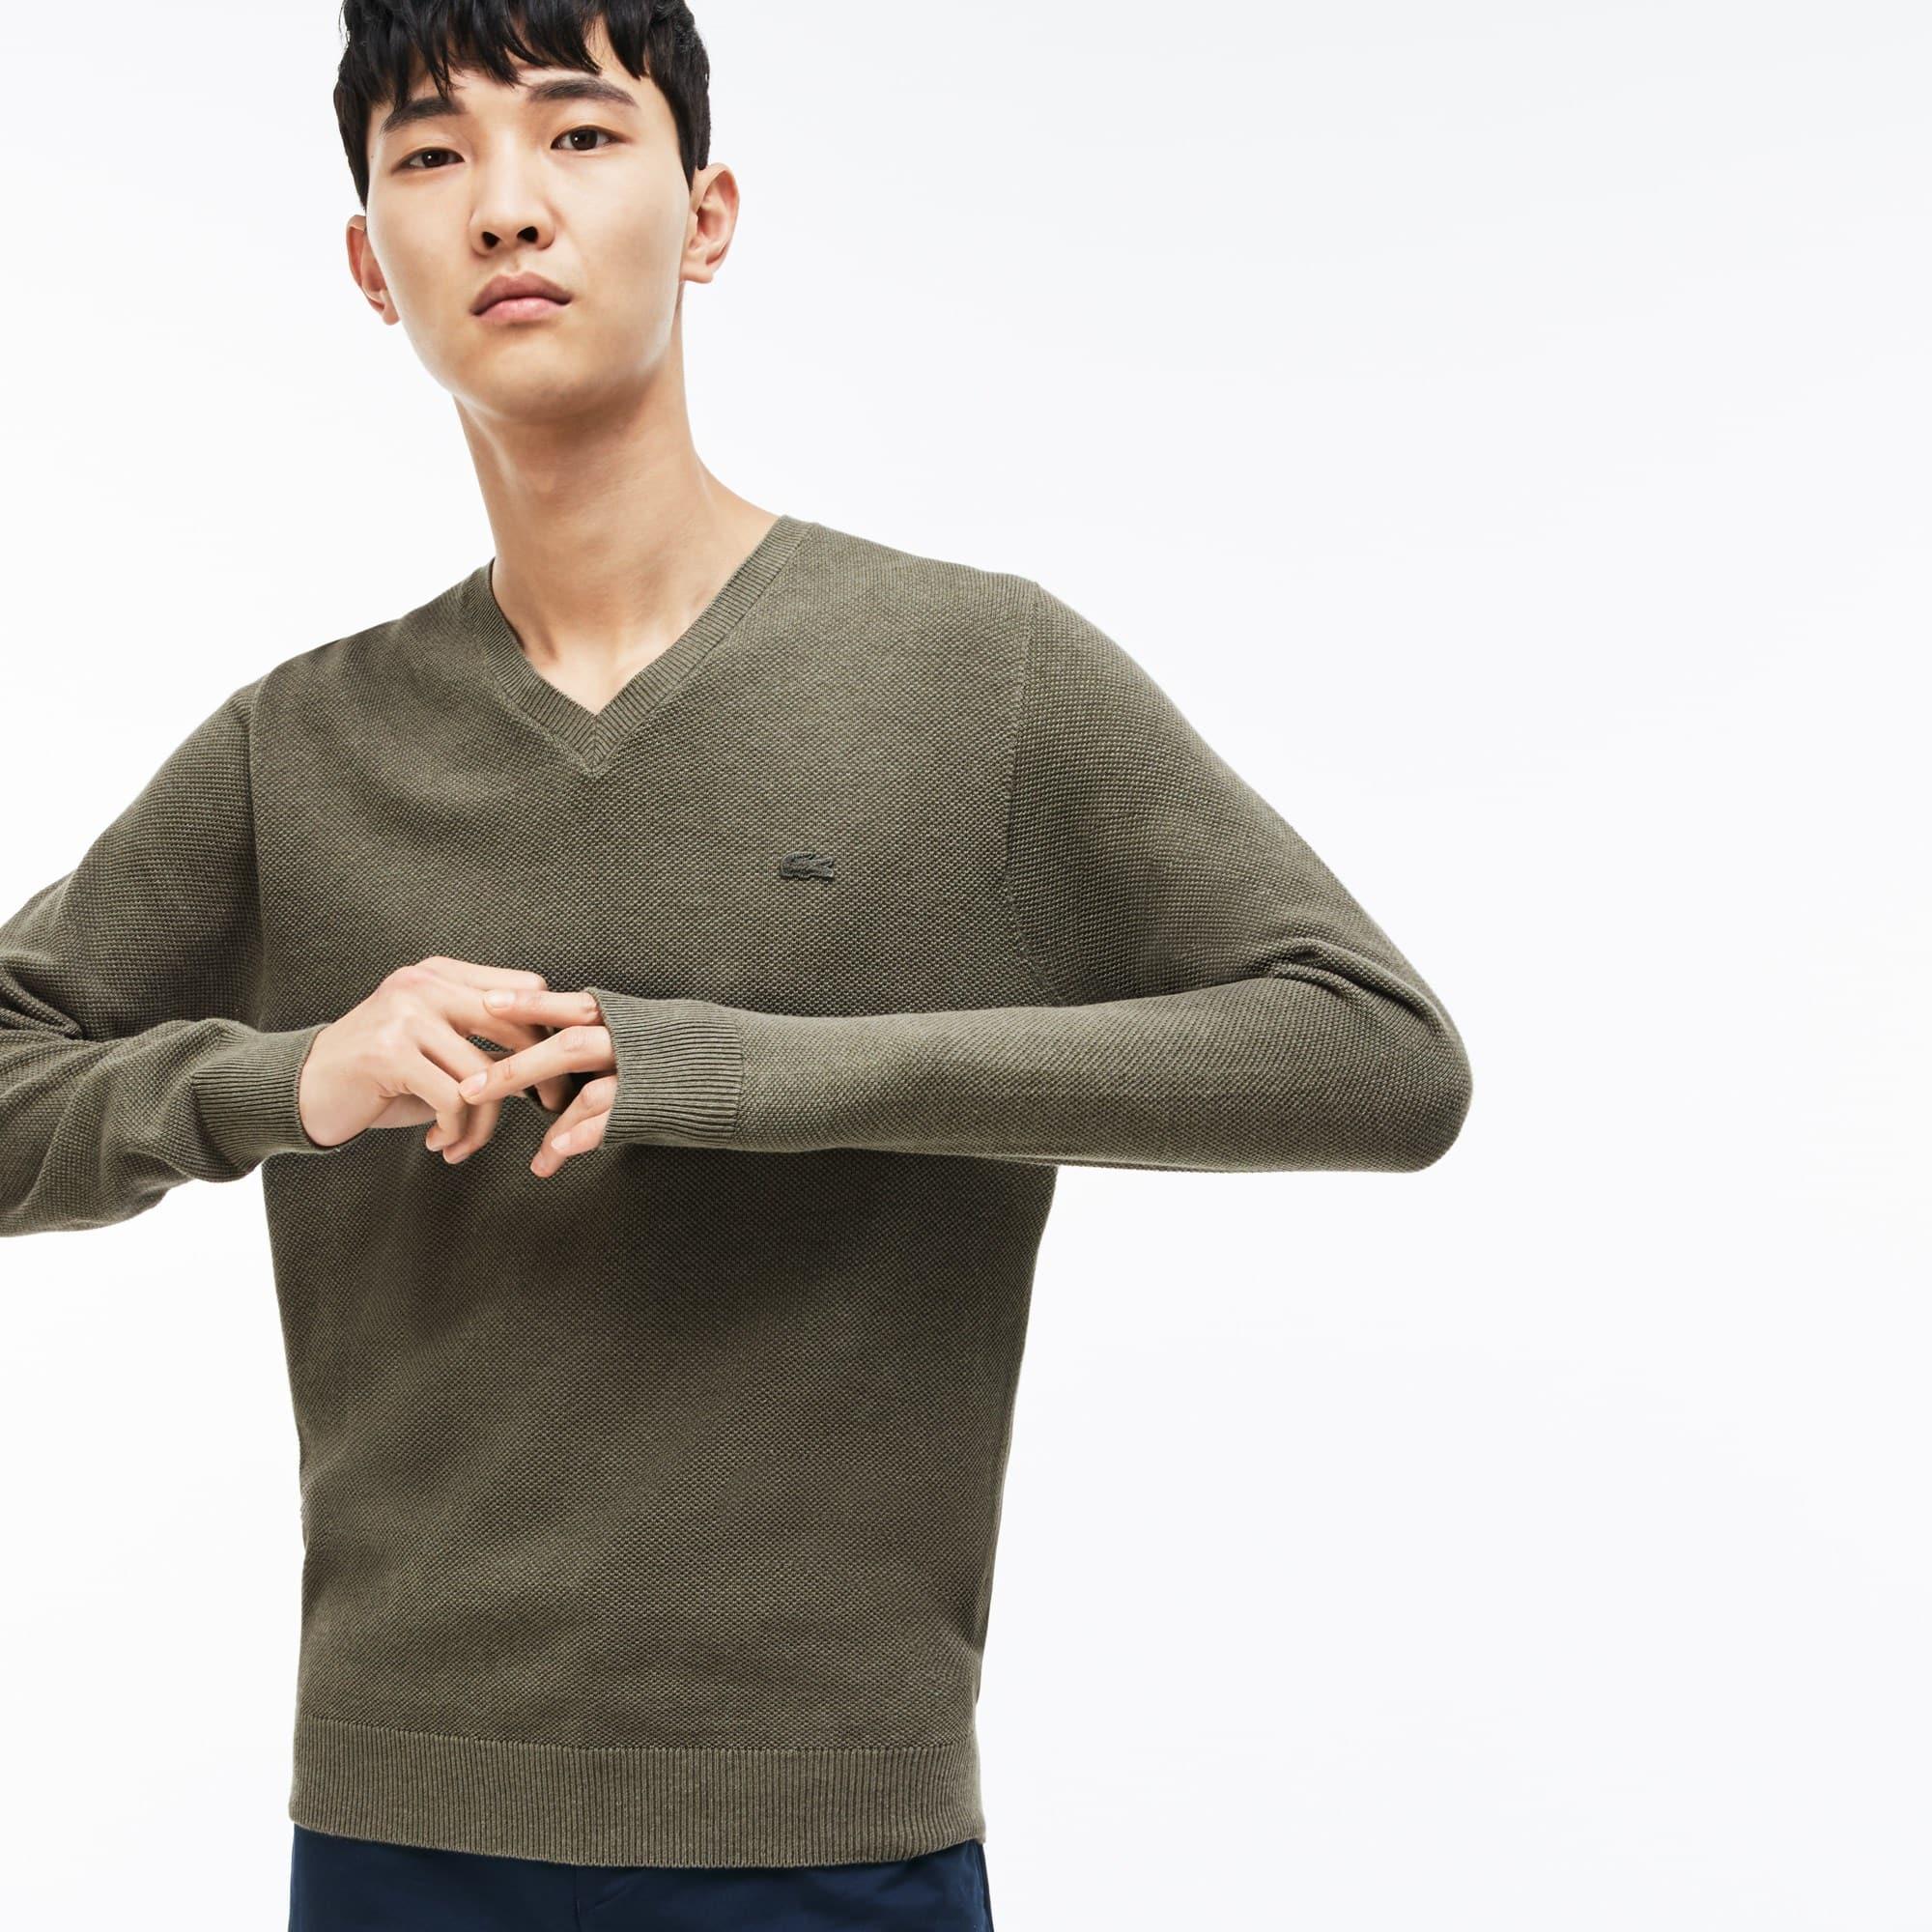 Herren-Pullover aus Baumwoll-Piqué mit V-Ausschnitt